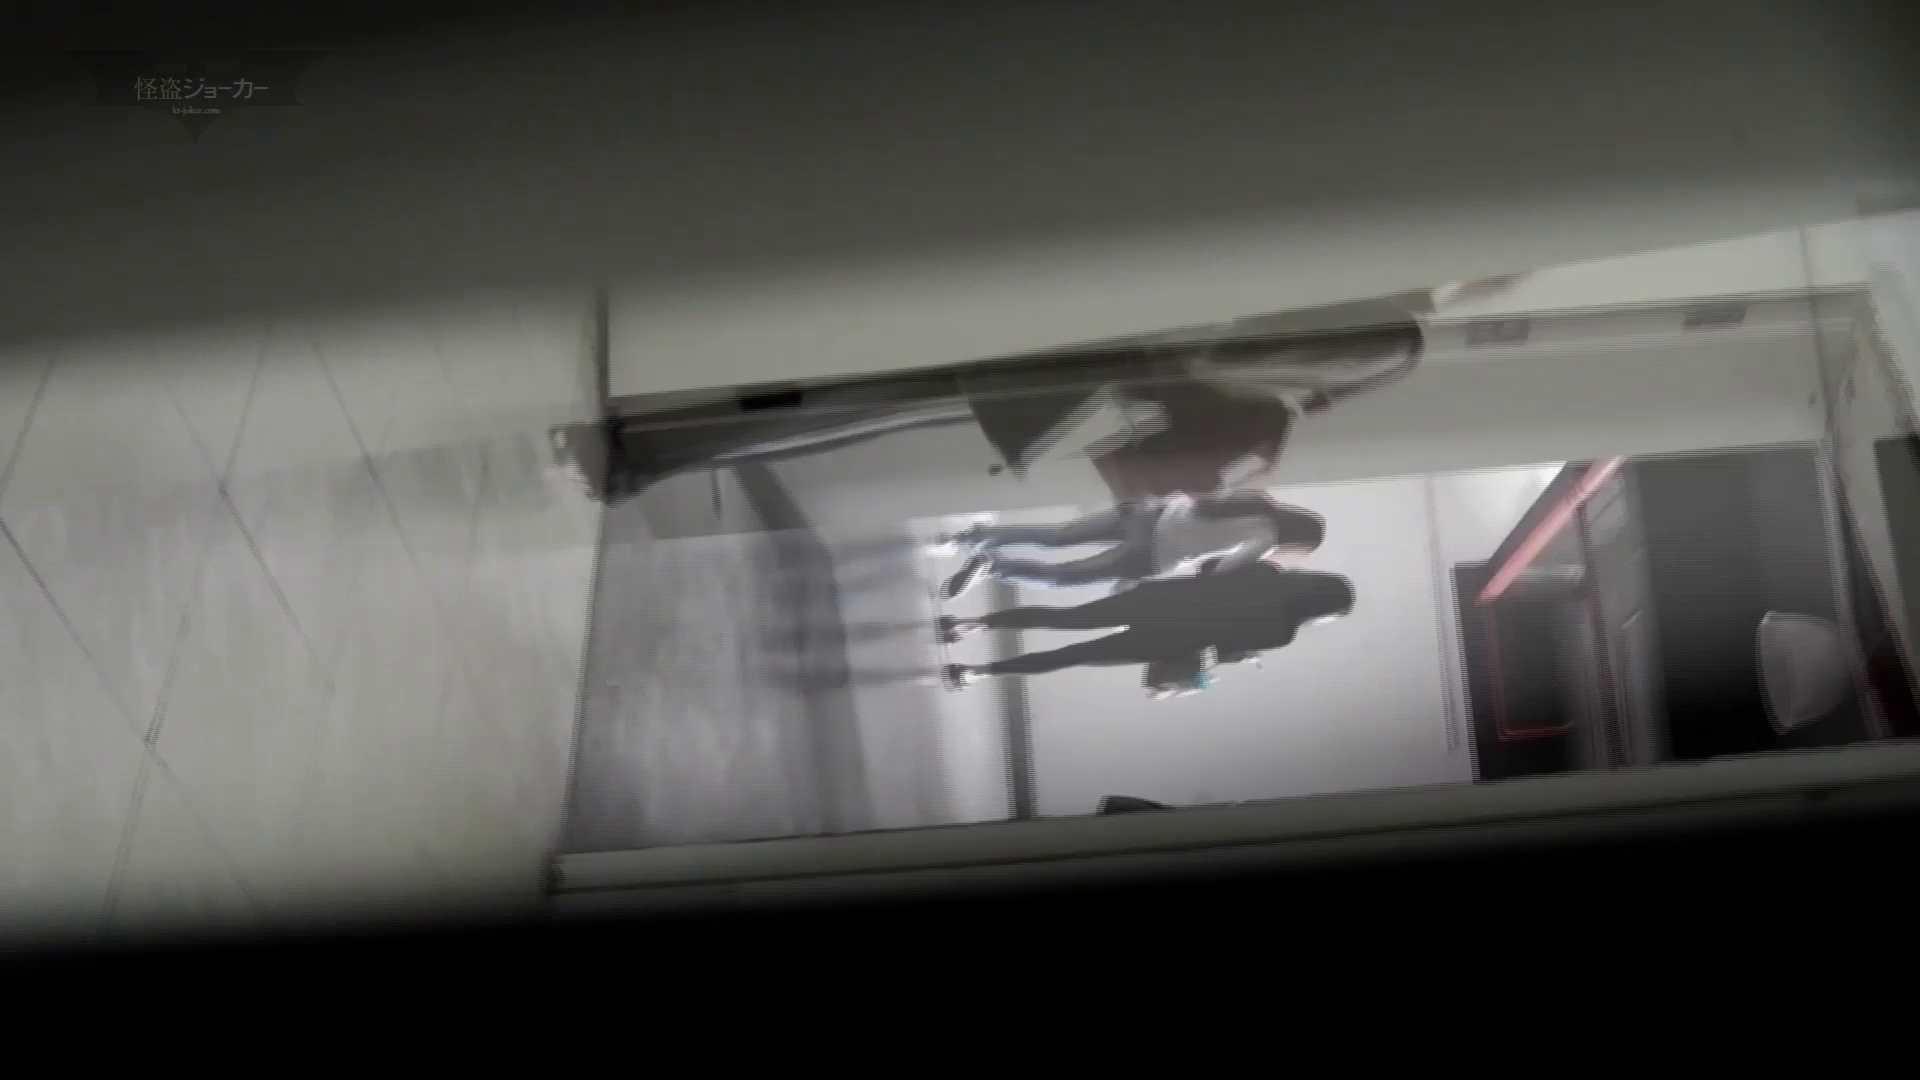 潜入!!台湾名門女学院 Vol.10 進化 潜入エロ調査 | 盗撮エロすぎ  79連発 21